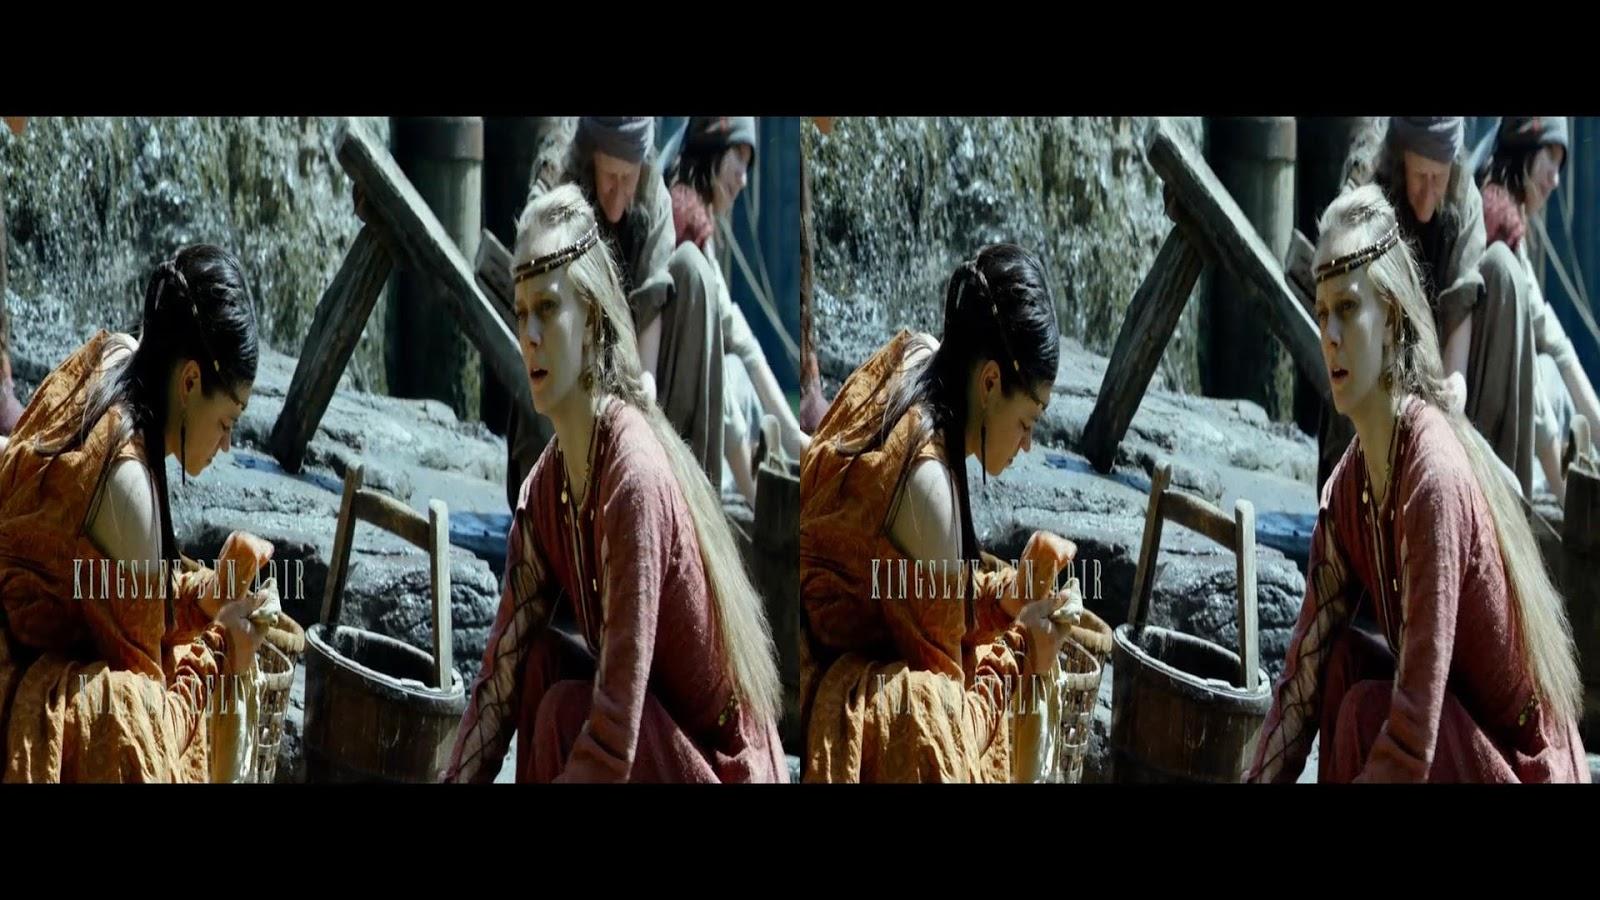 El Rey Arturo (2017) HD 3D SBS 1080p Español Latino captura 1